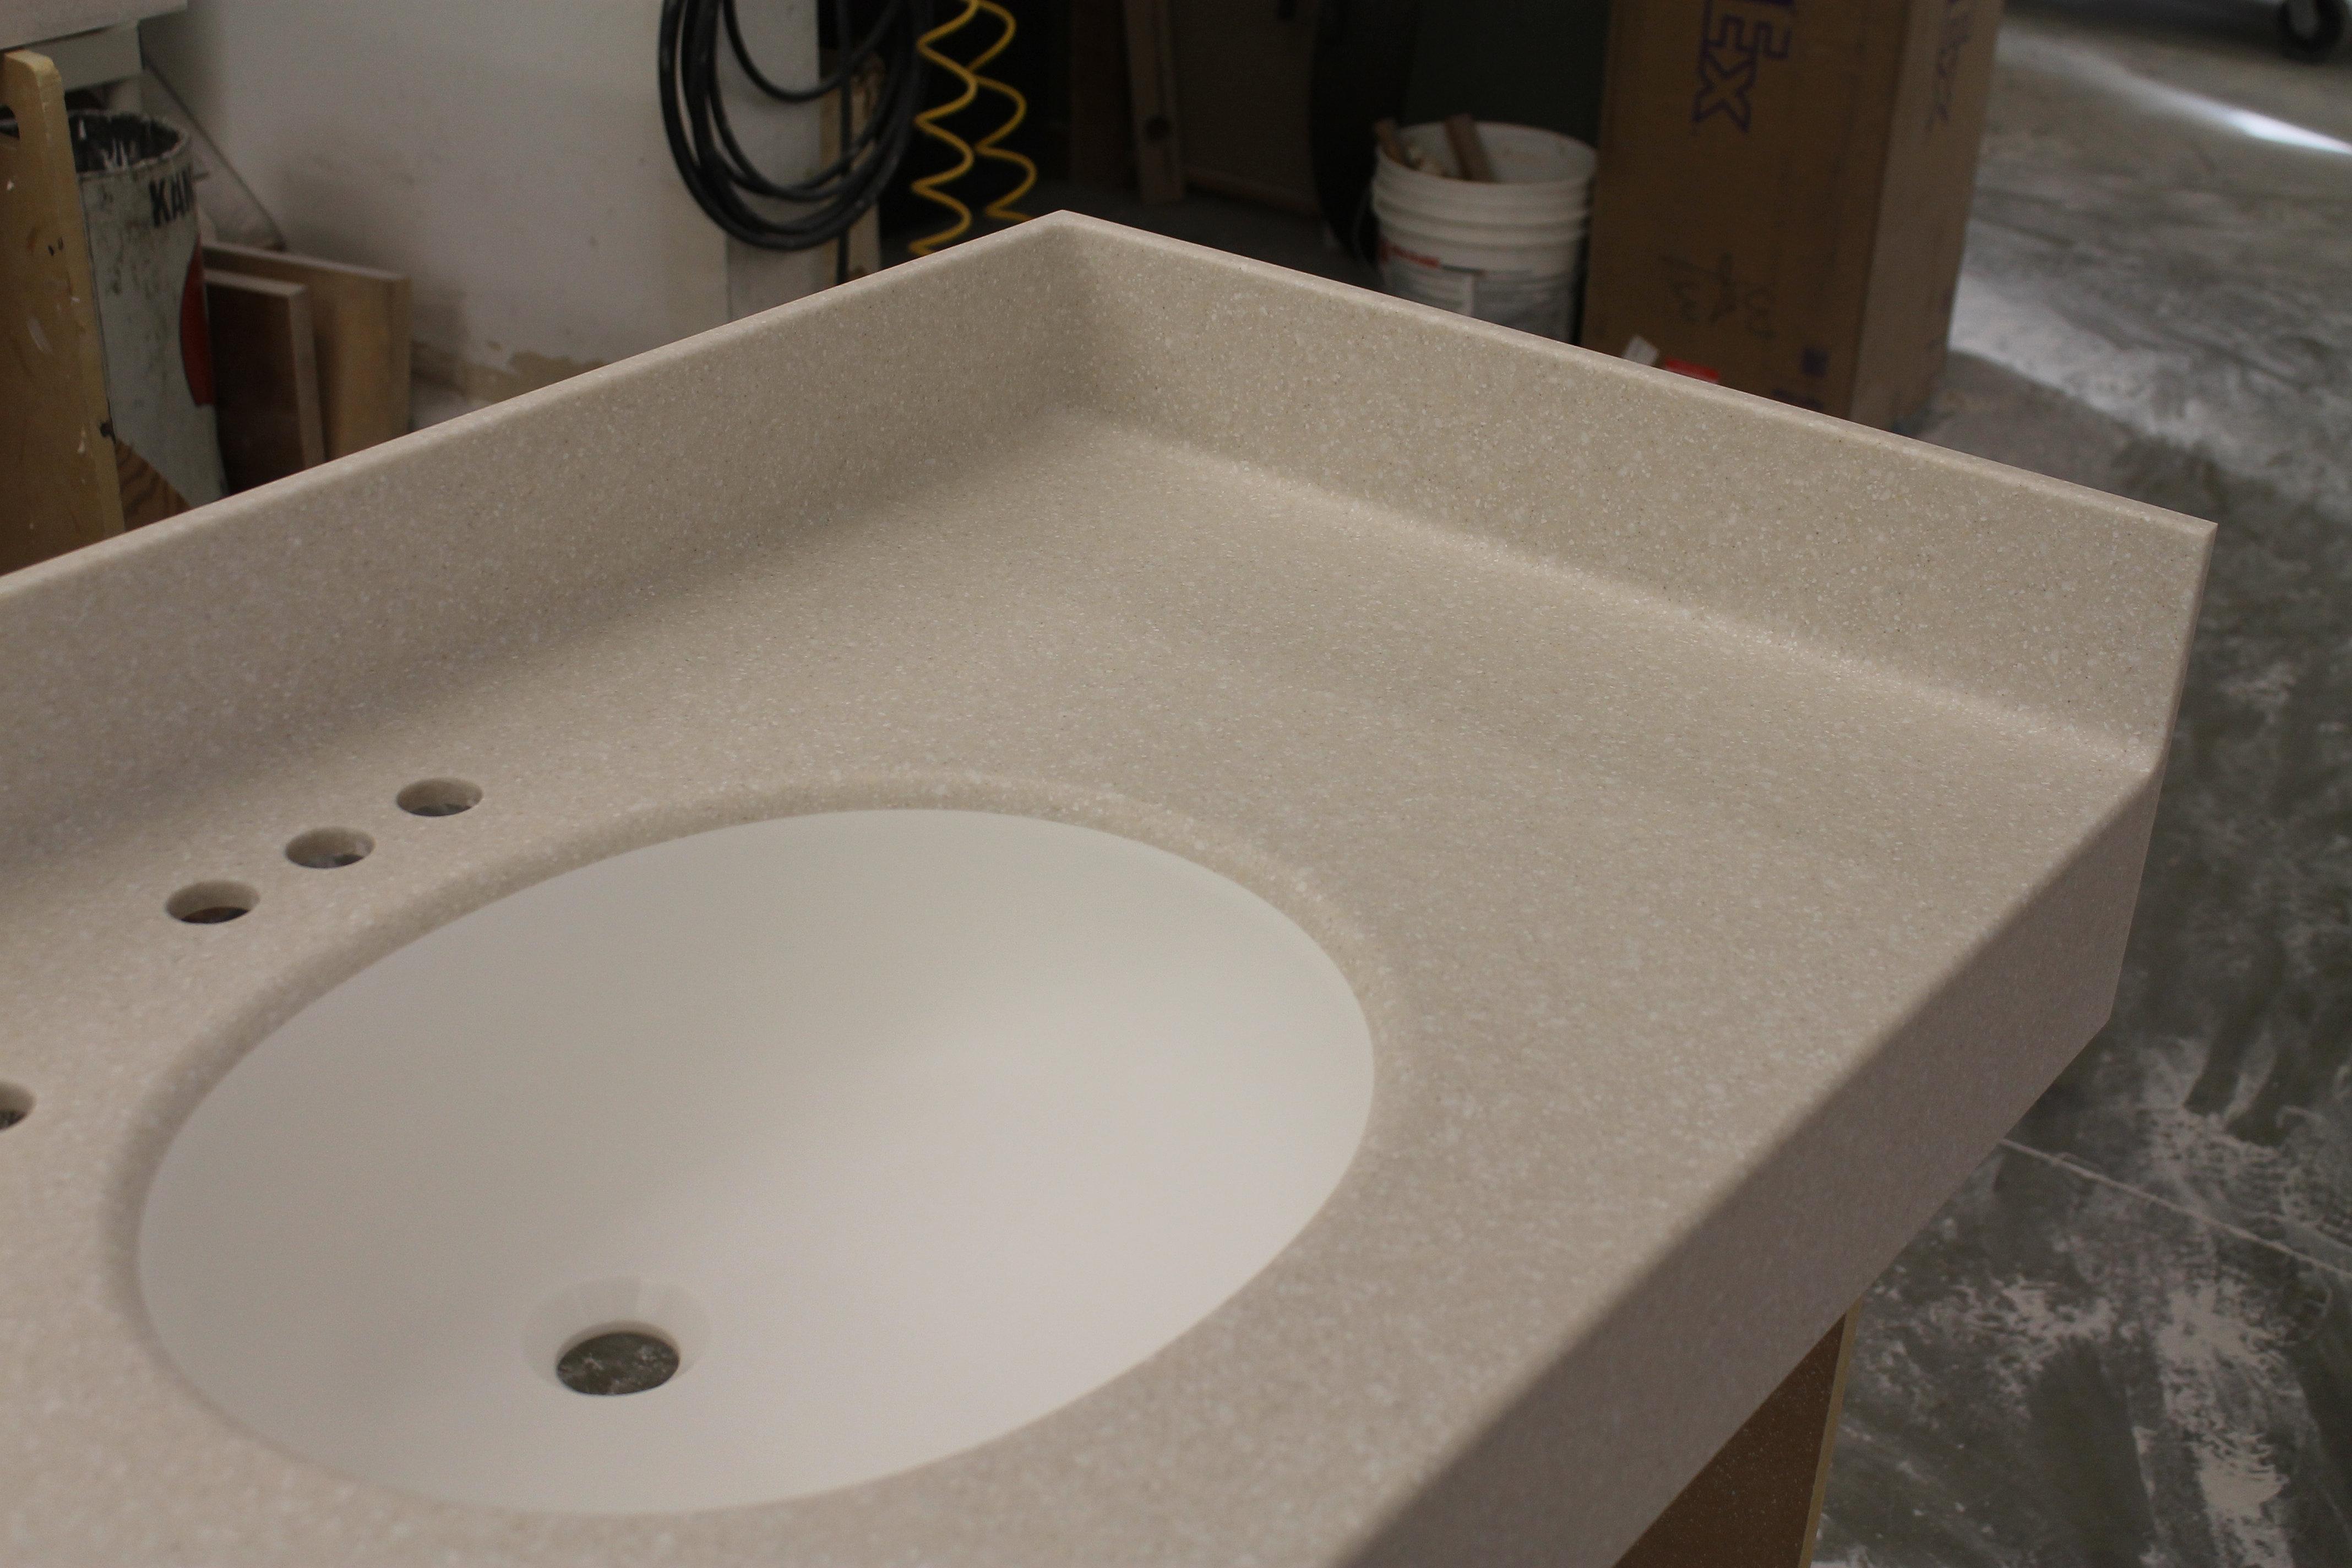 Bathroom Remodel Ideas Tile Bathroom Vanity Countertops With Sink Molded Sinks